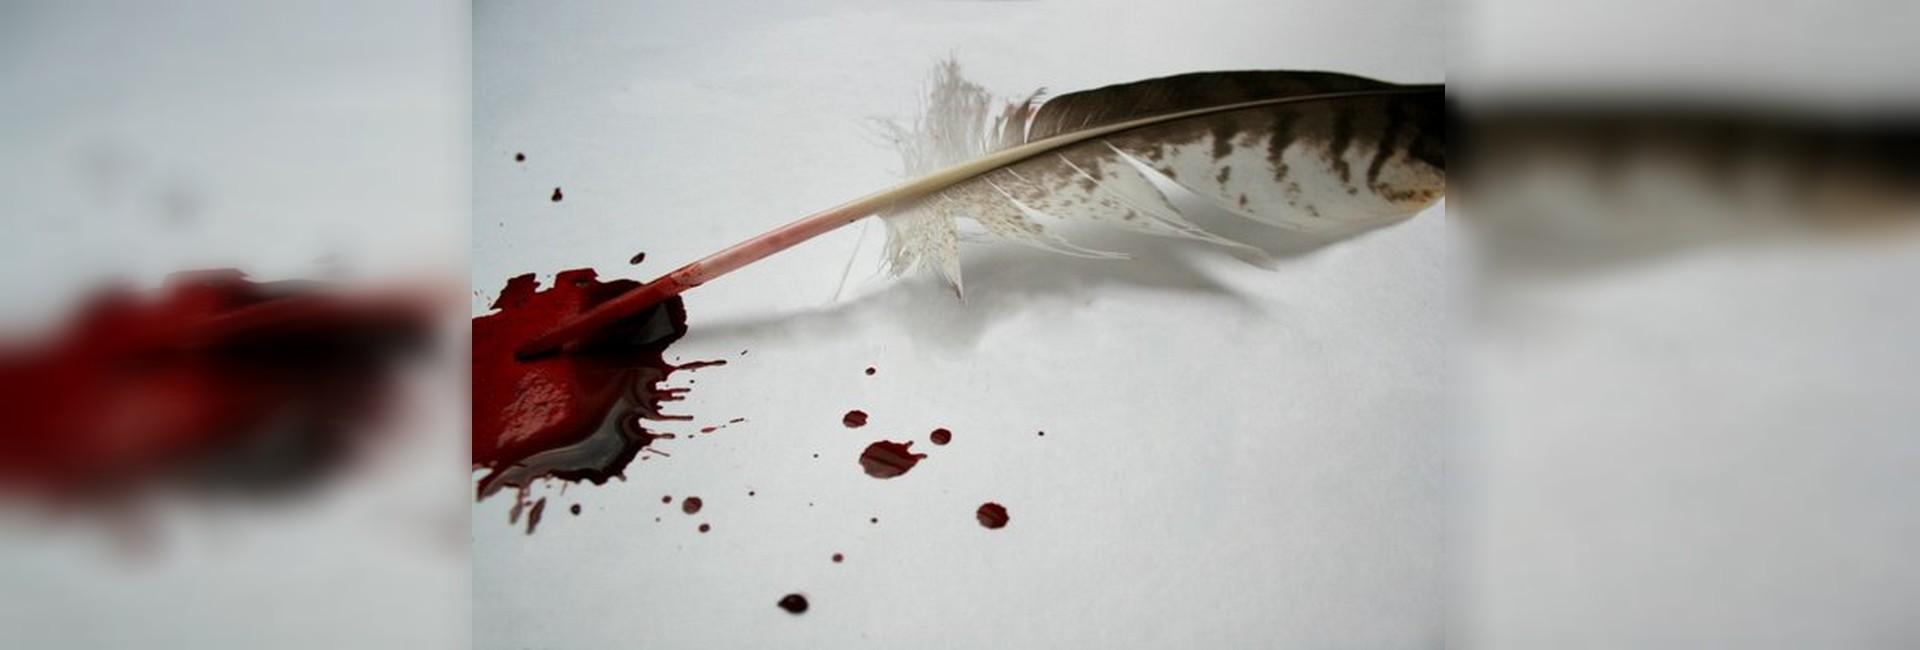 Pana care sângerează de ce mor prematur poeţii români poetul român speranţă de viaţă de la Eminescu la Nichita Stănescu slider